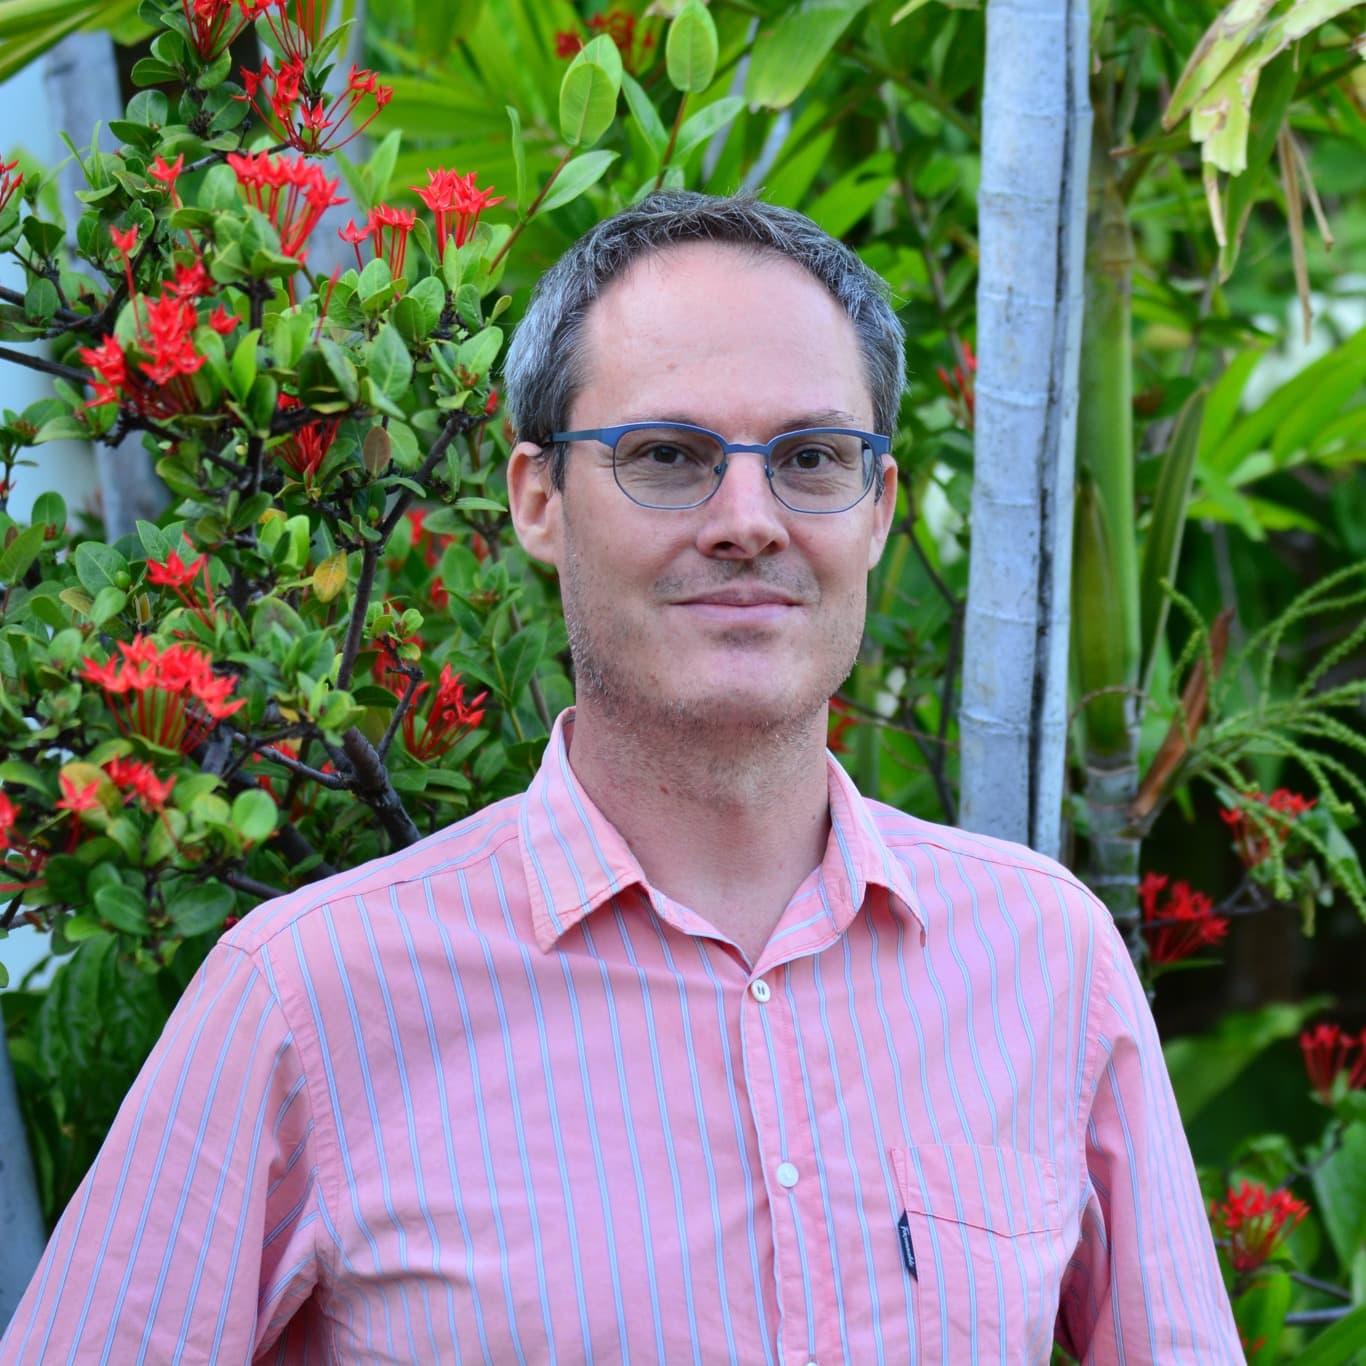 Jan Strik